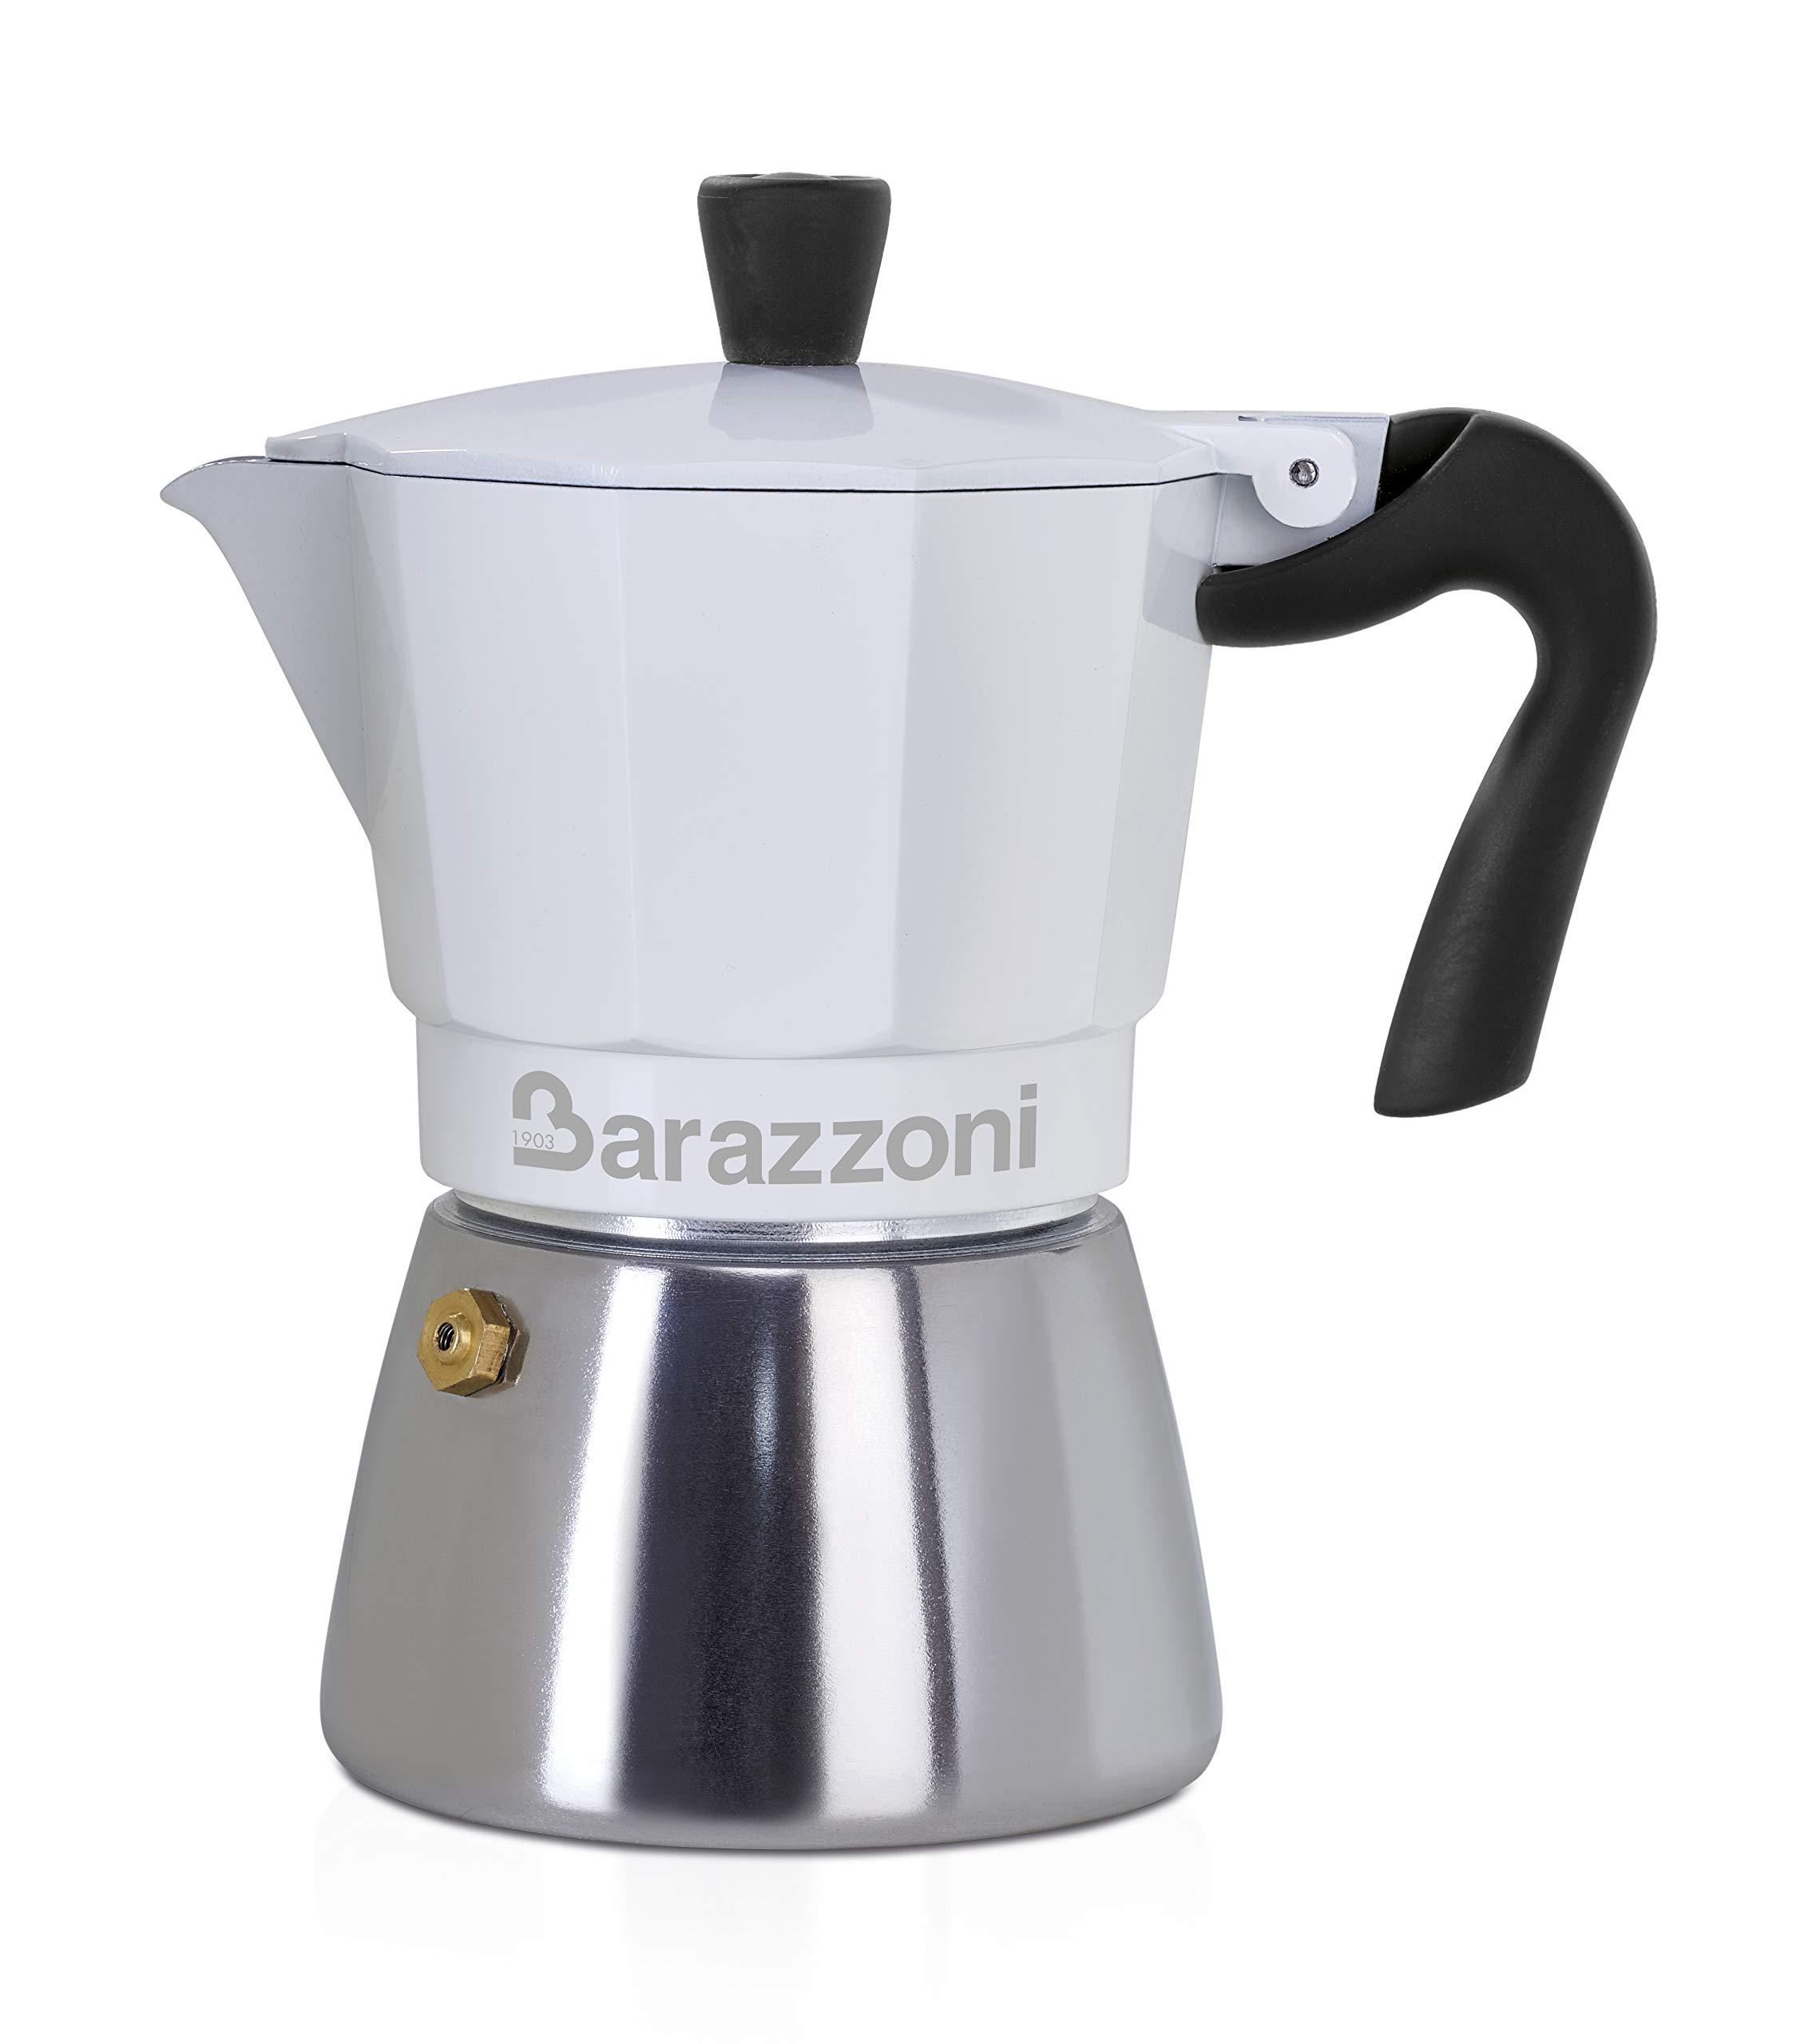 Barazzoni Moka - Cafetera híbrida 6 TZ, apta para inducción, acero ...